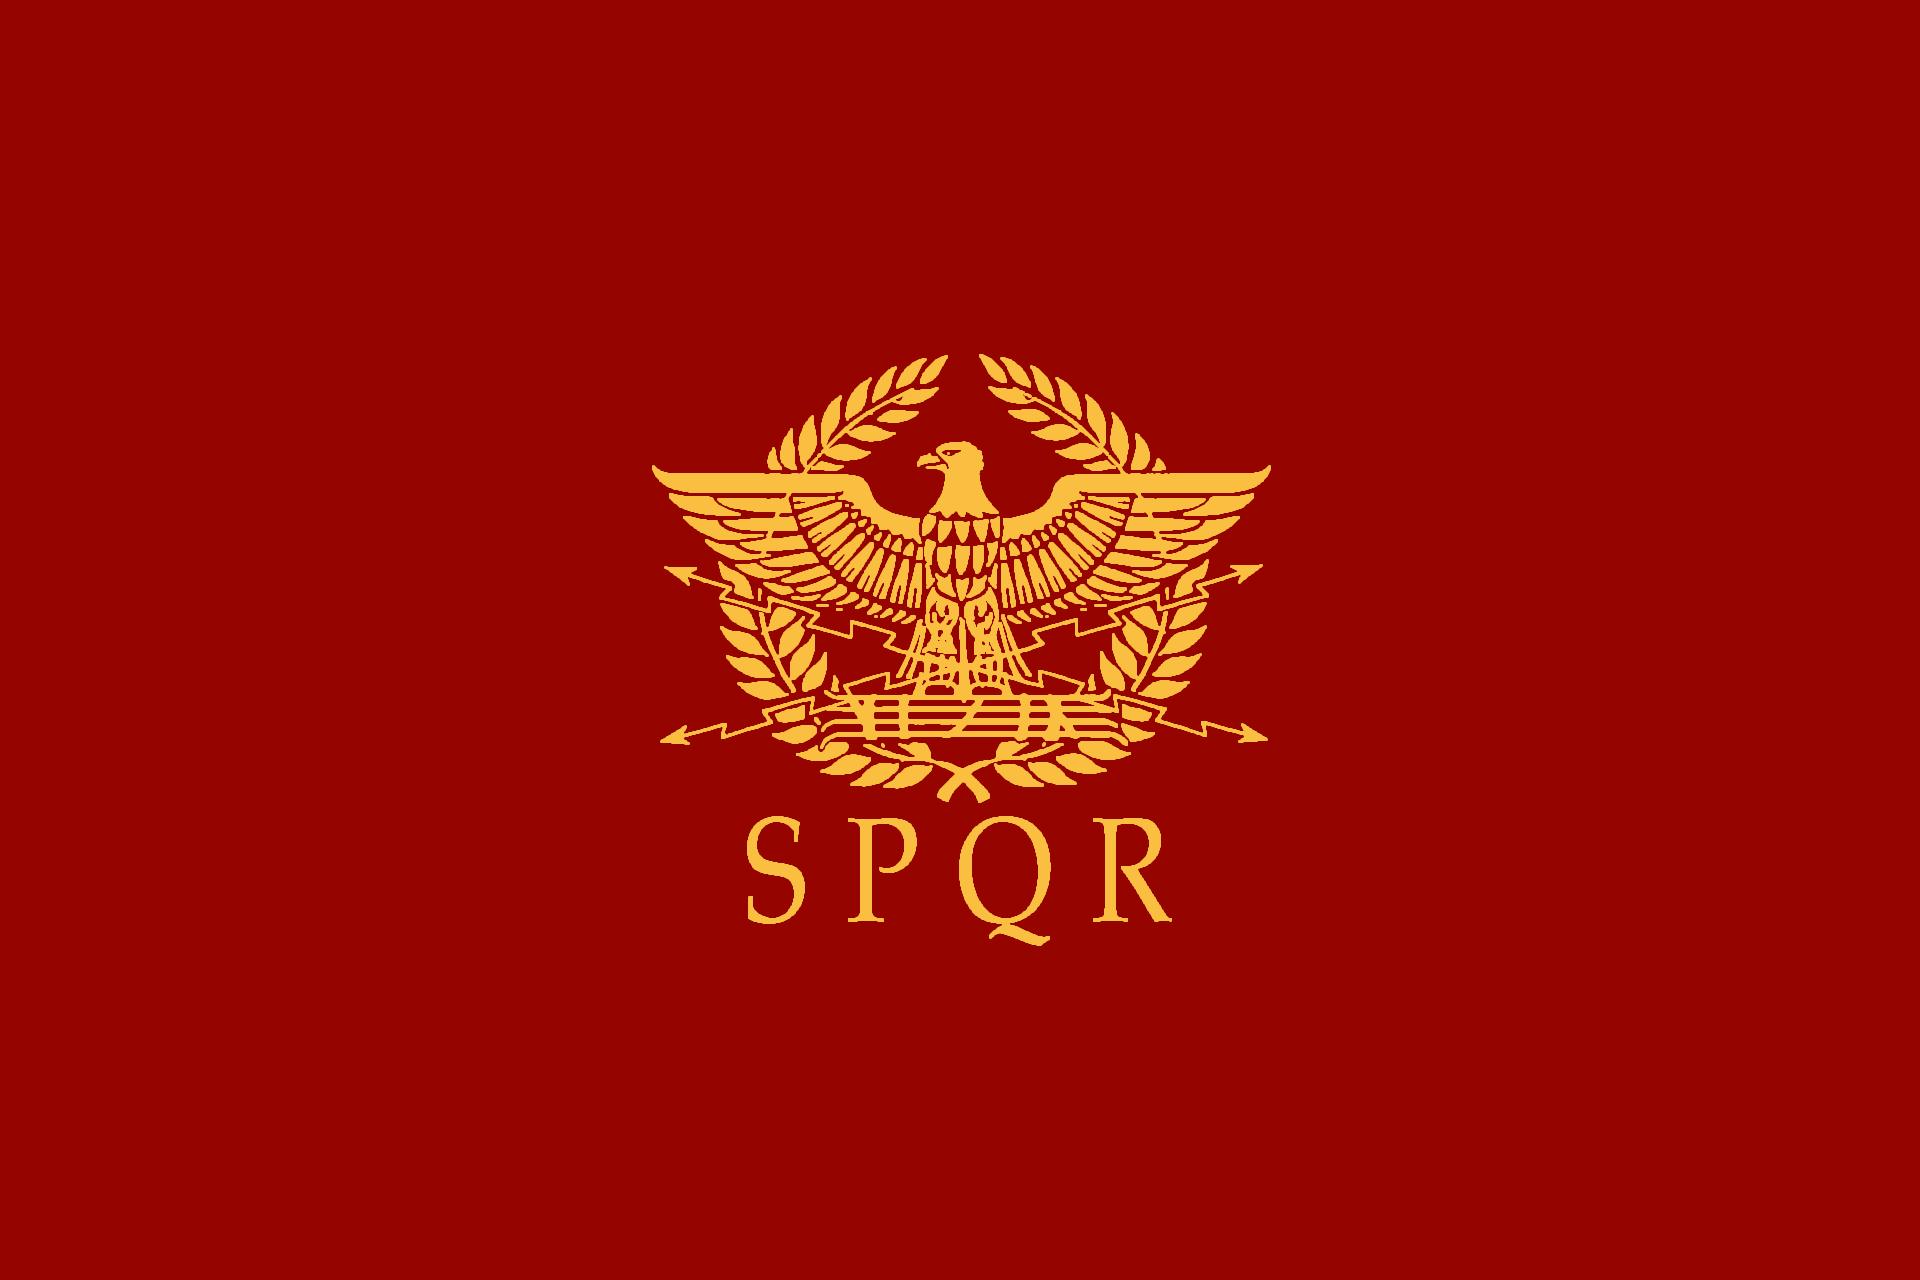 Greater Roman Empire (GRE)